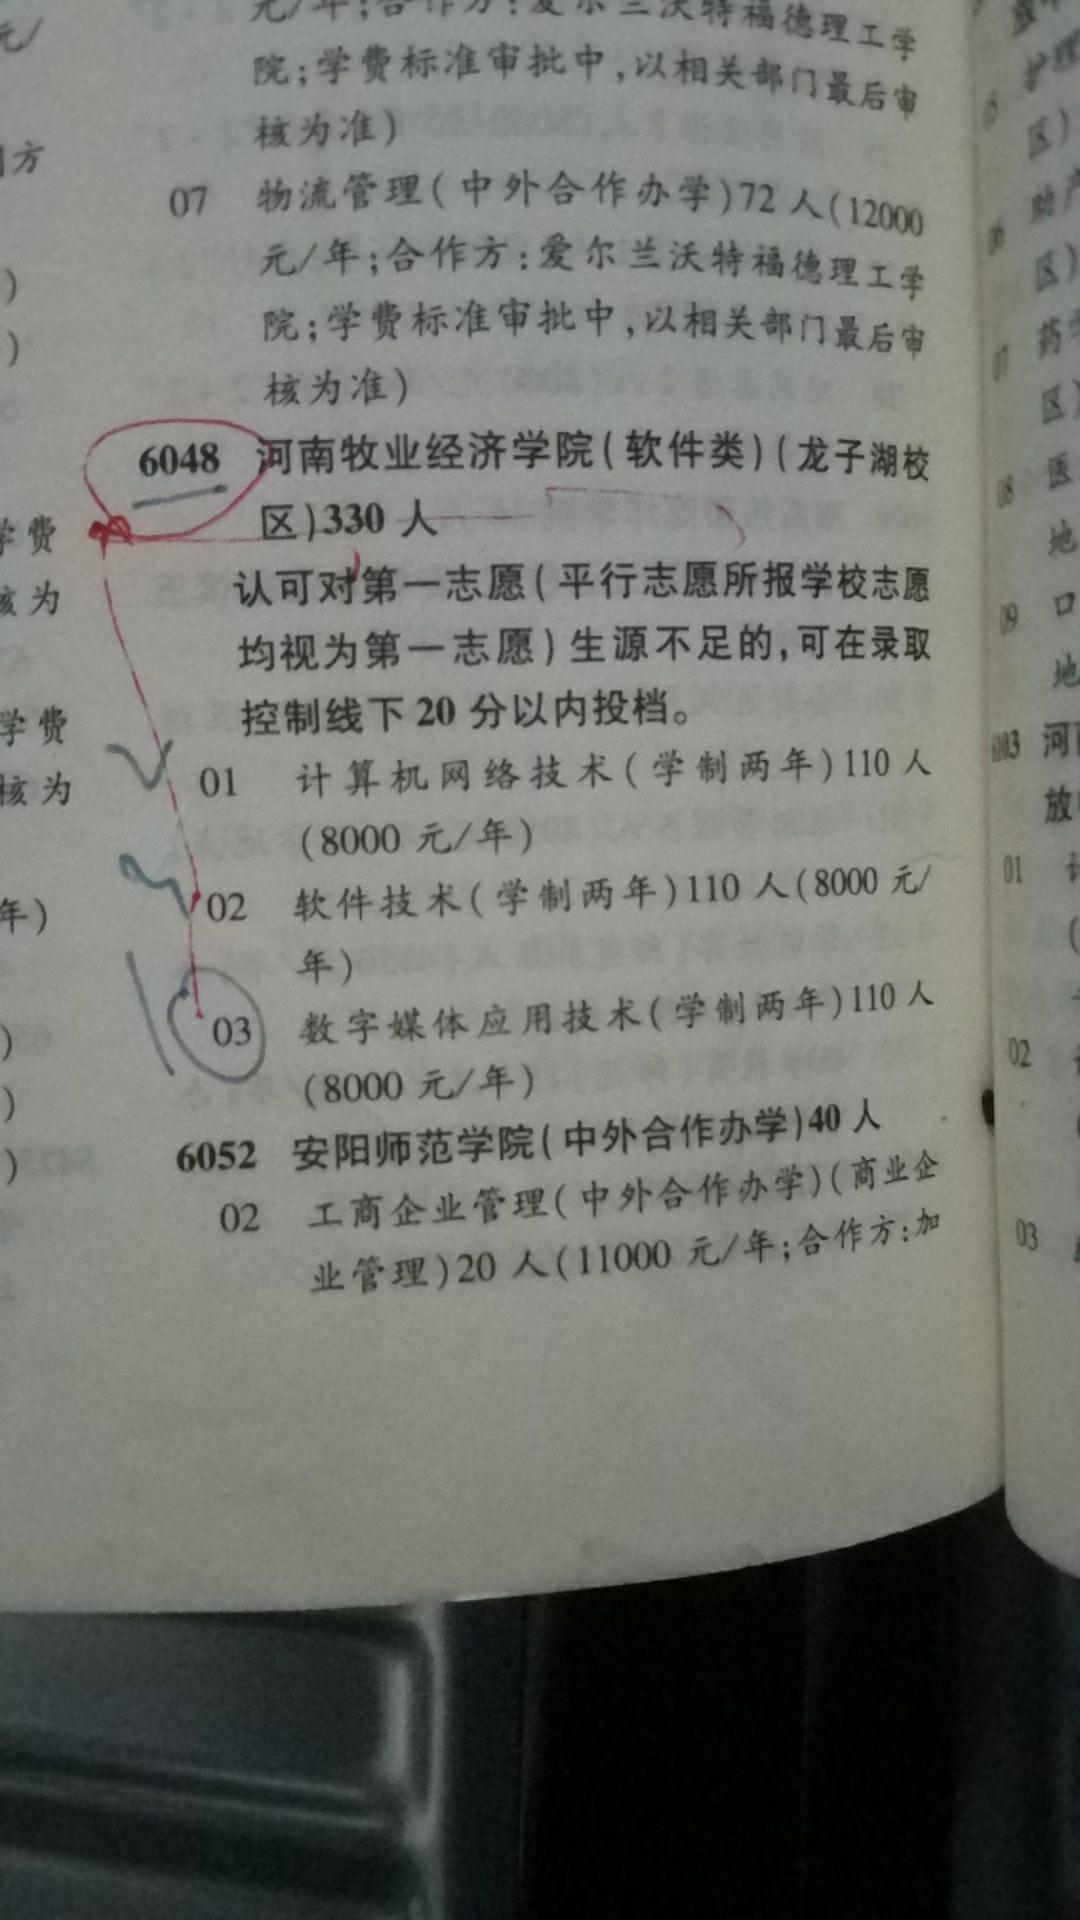 高校录取时临时变更校区被指虚假招生 学校:合规|虚假招生|河南牧业经济学院